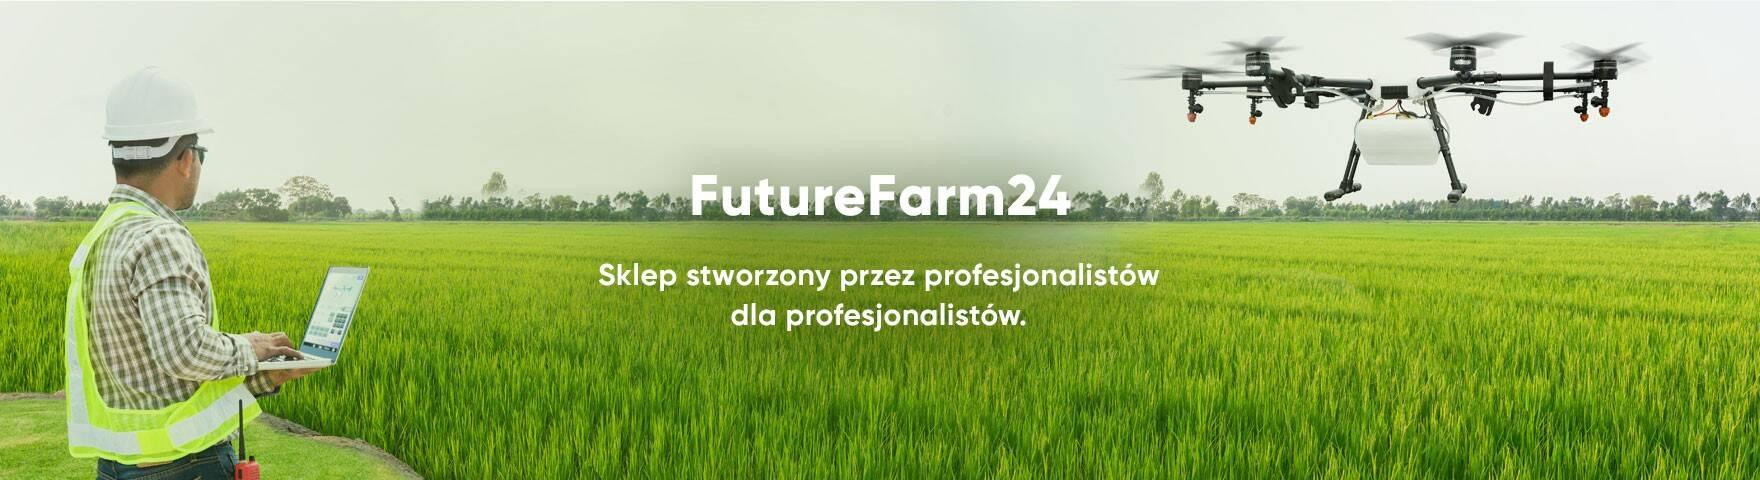 Sklep stworzony przez profesjonalistów dla profesjonalistów.